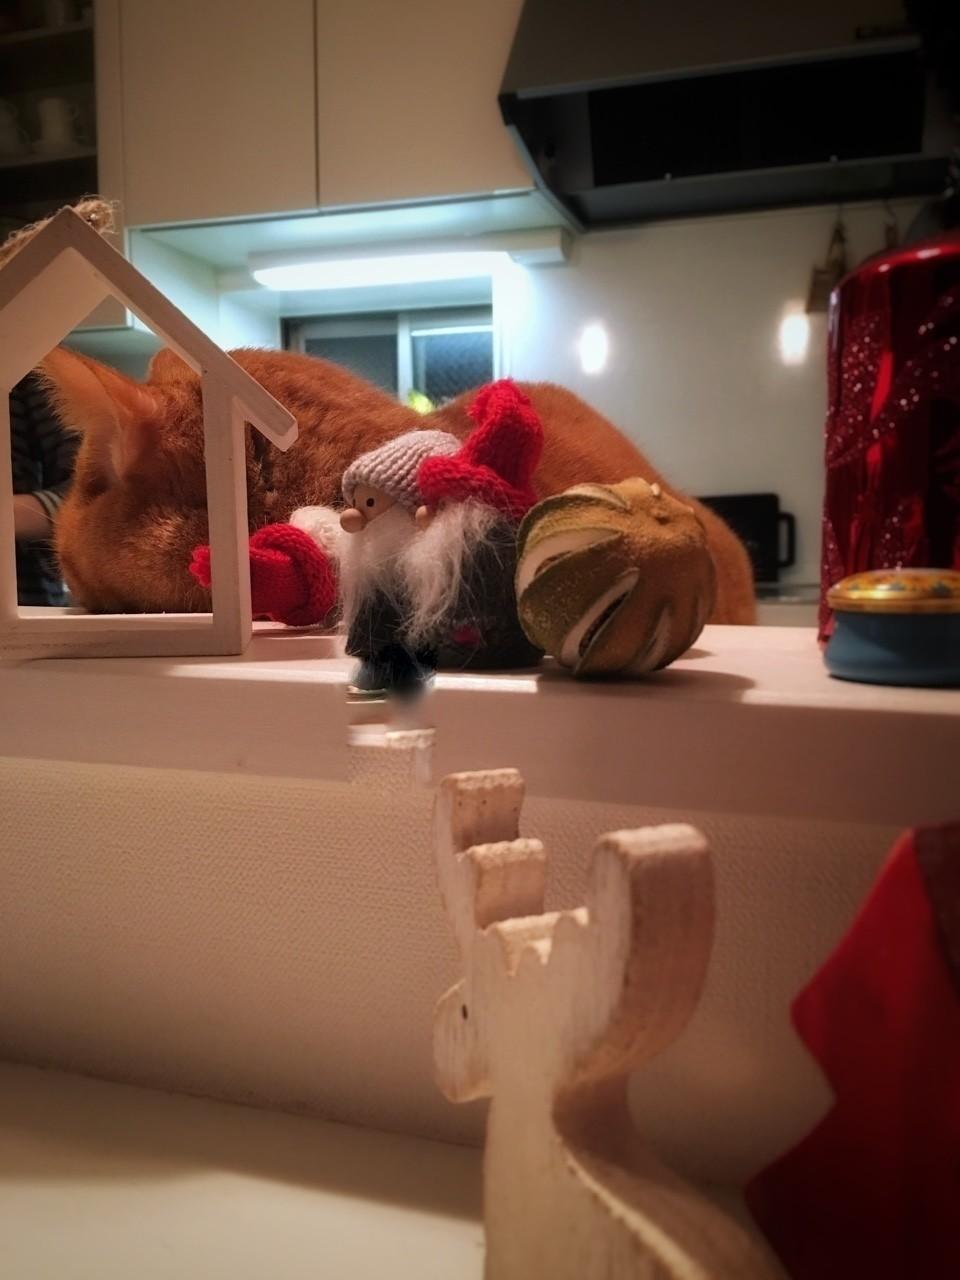 クリスマスが近づいてきて、チビのまわりにはサンタ、トナカイがやってきてます。クリスマス当日は、きっとママからいつもよりちょっと多くケーキをもらえるボクチビです。